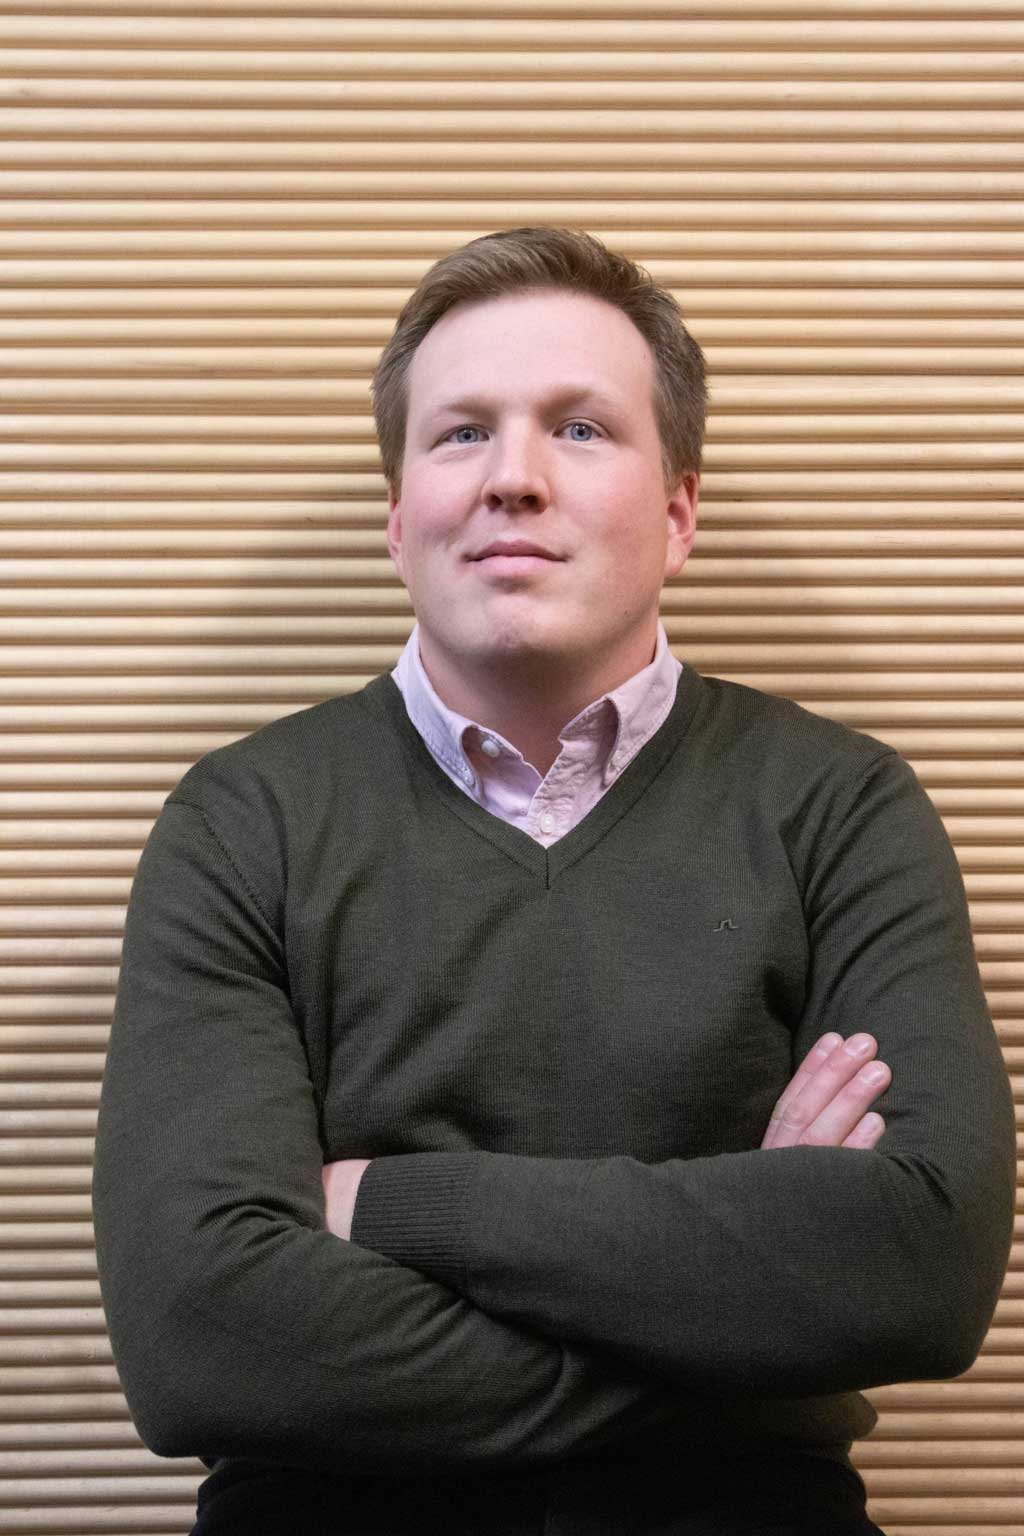 Sami Koskinen, Pieksämäen Rakennuspuu Oy